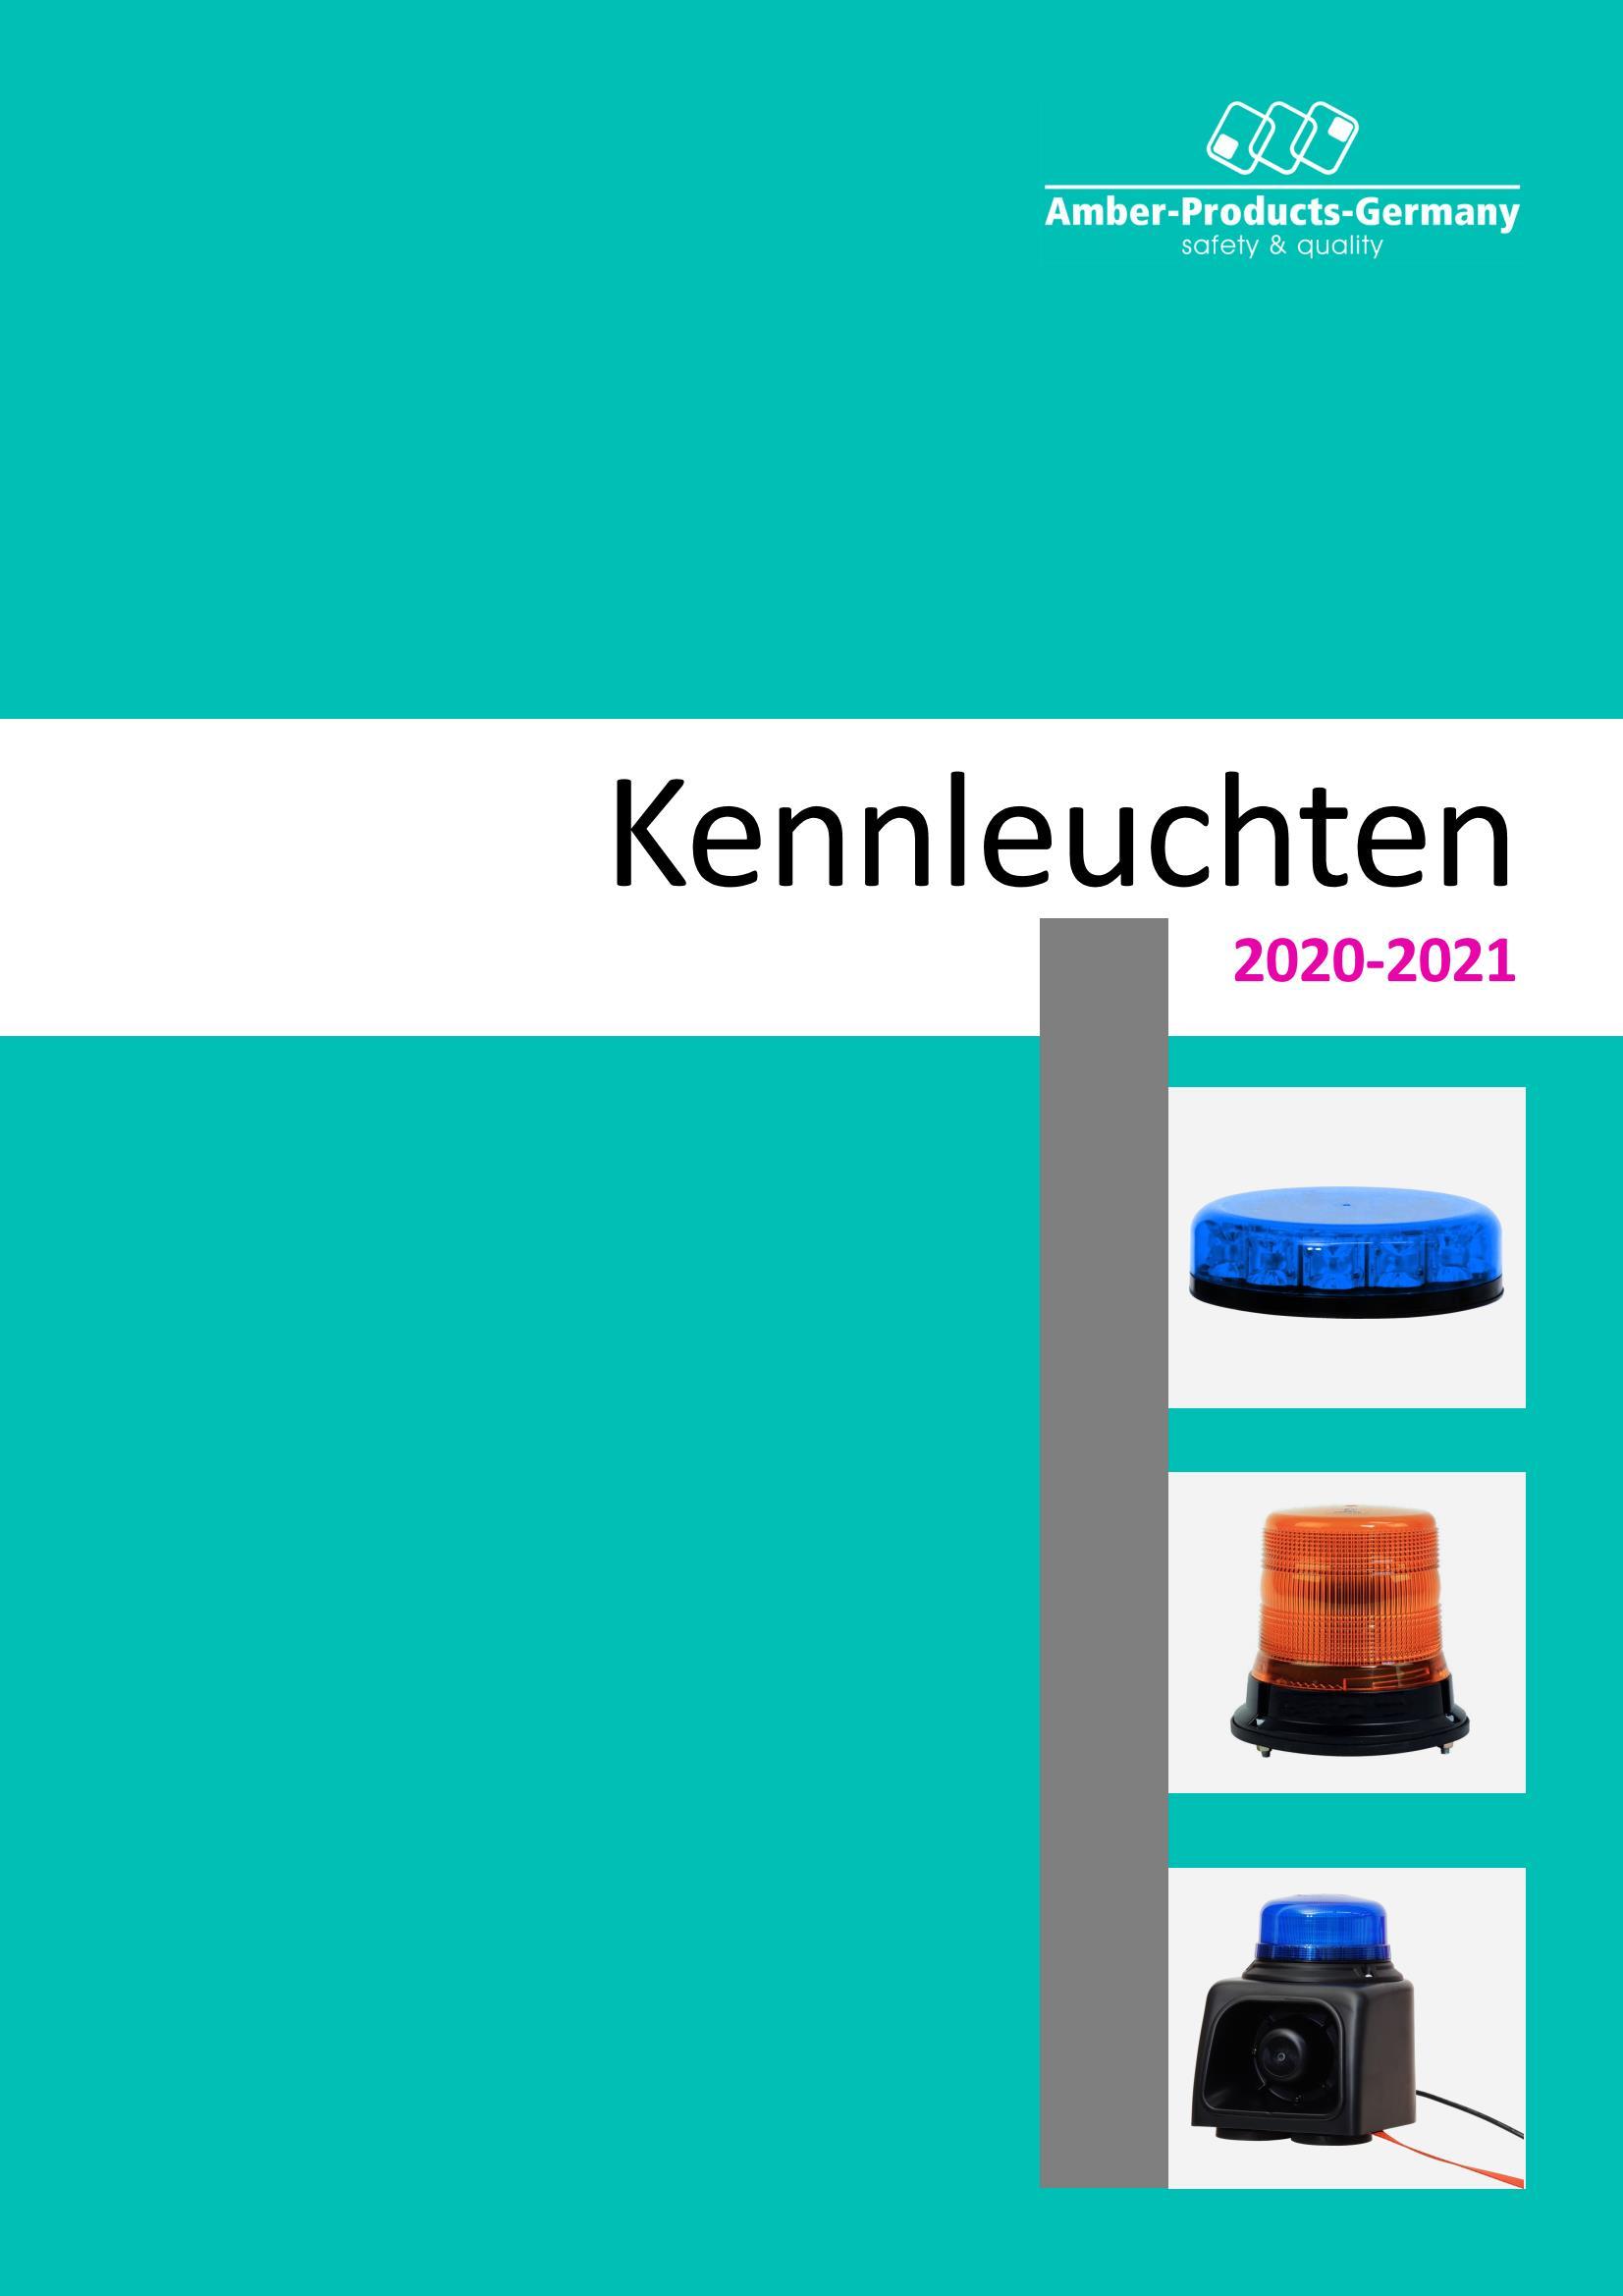 APGermany_Kennleuchten_Katalog_2020-2021